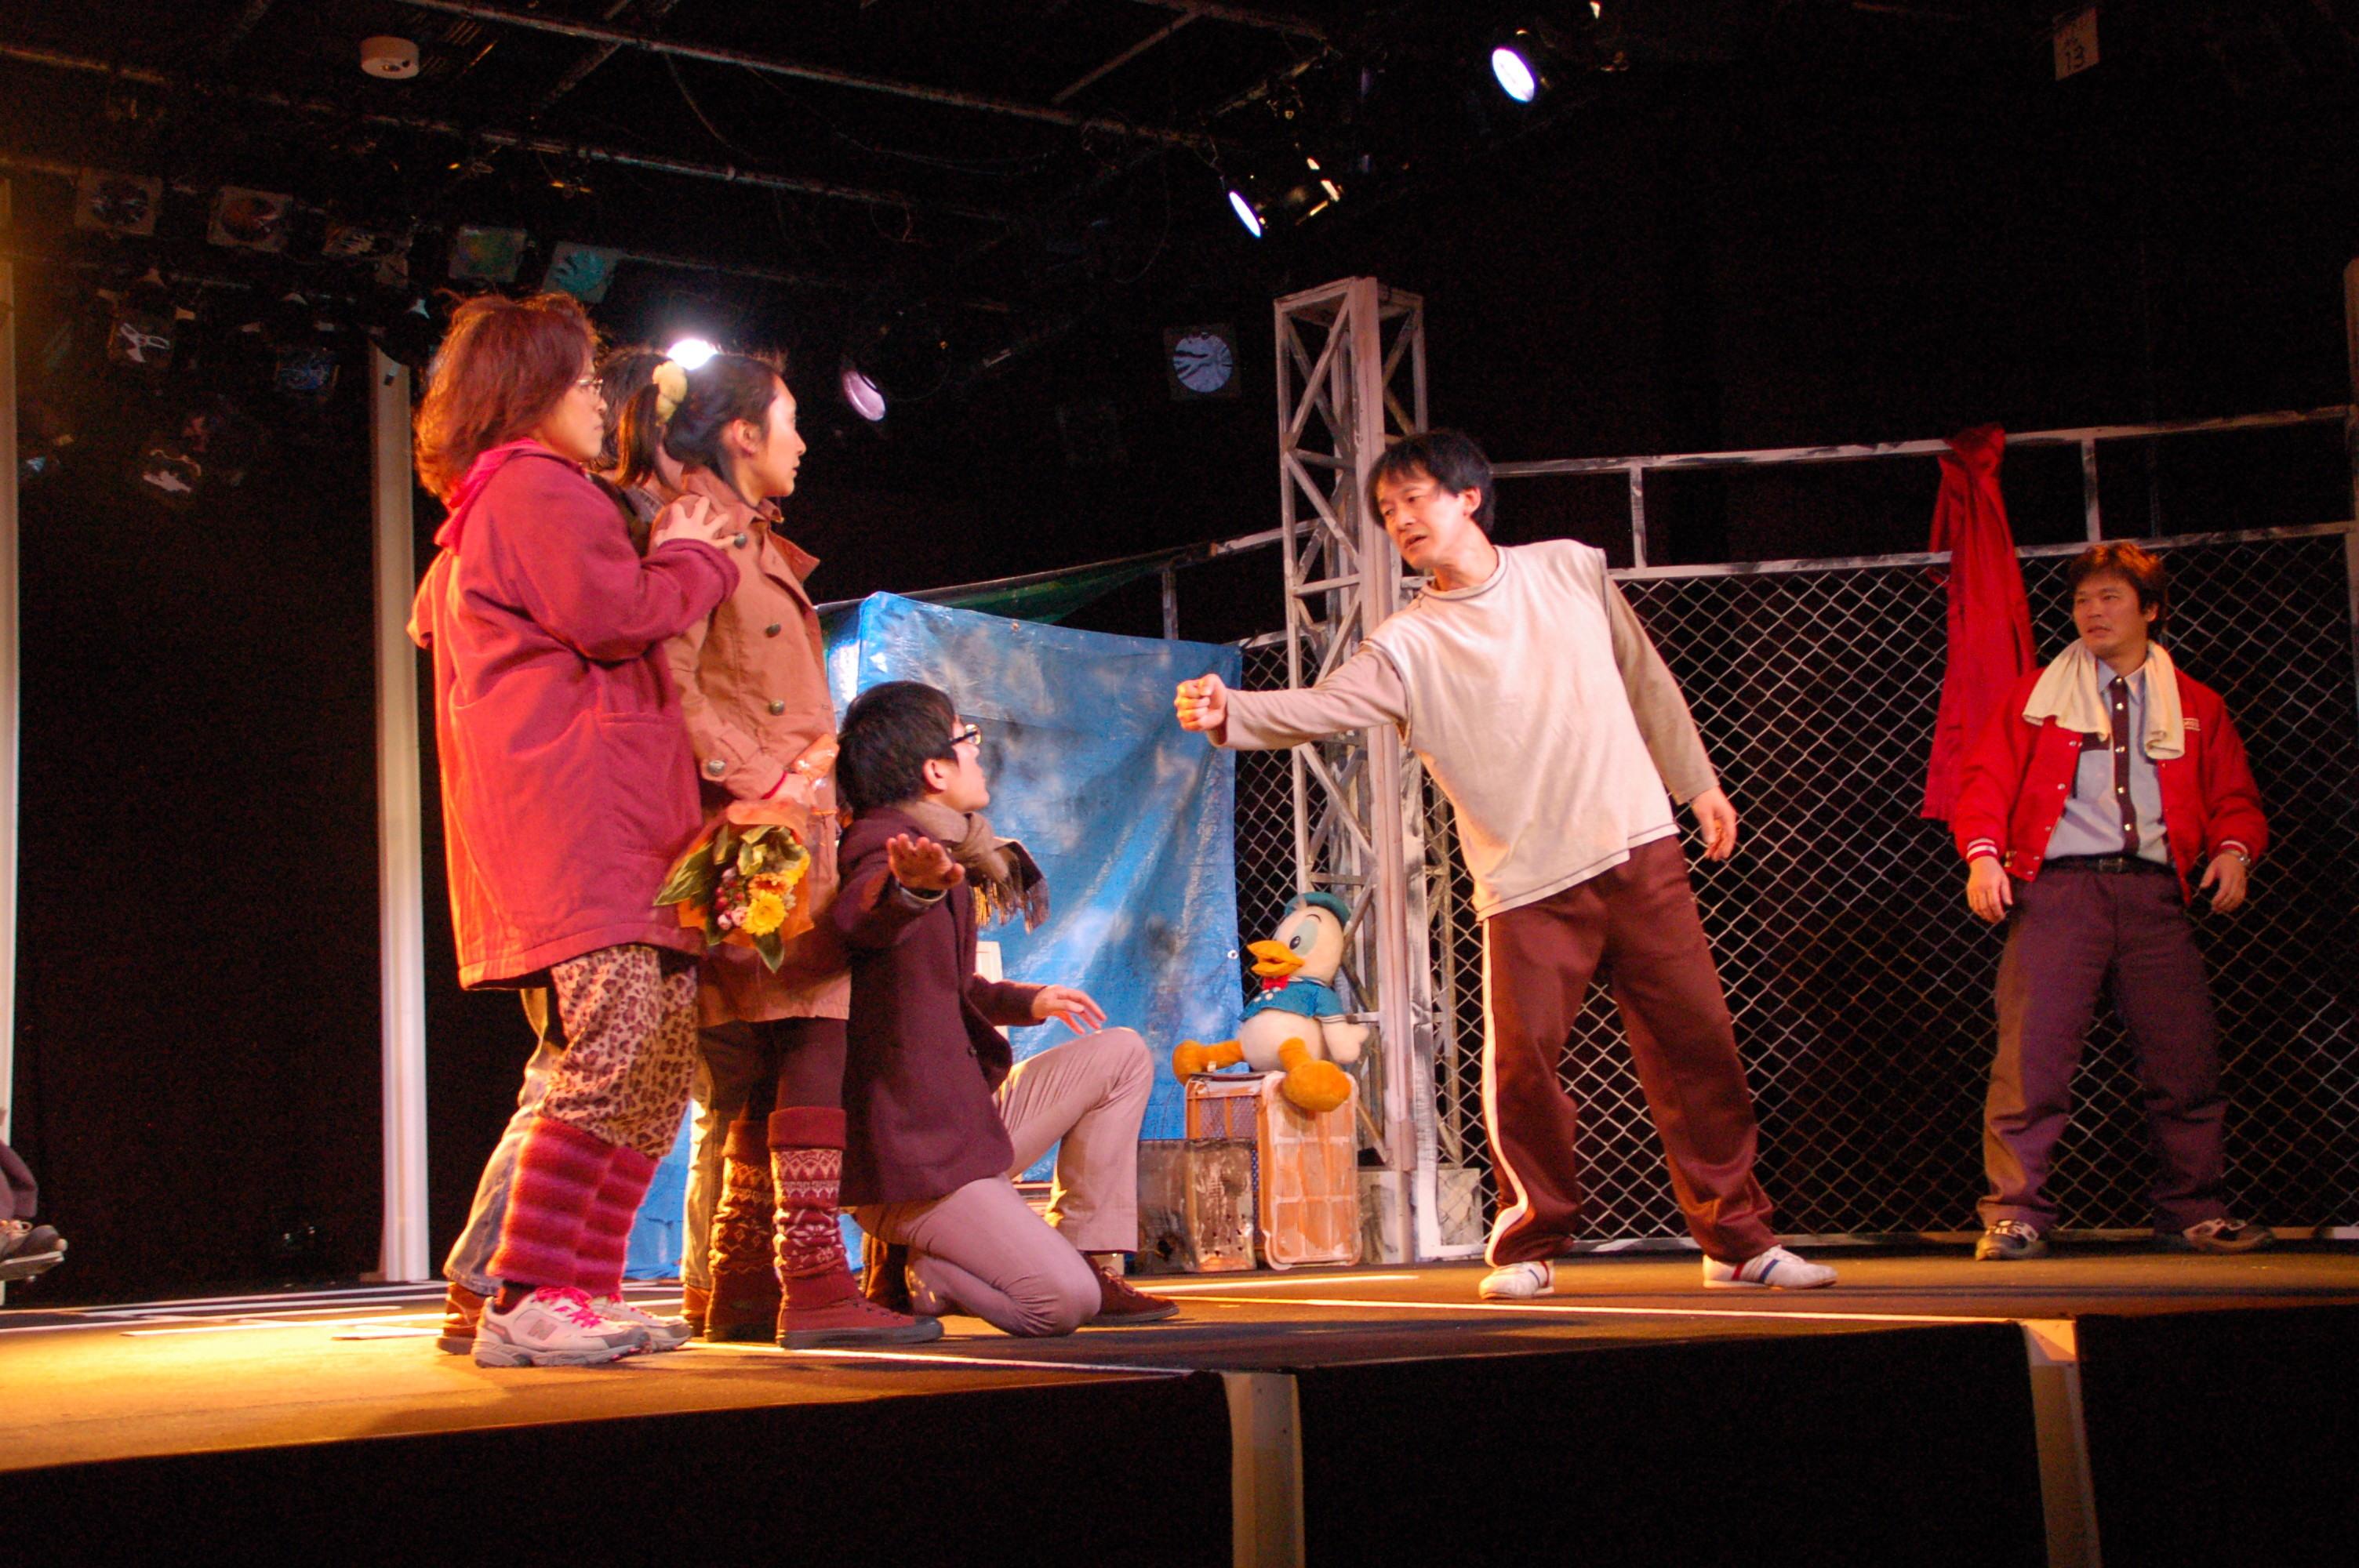 第11回公演『黄昏の犬たち~ぼちぼちいこか外伝』(2010年) 作・演出:岩崎正裕(劇団太陽族)